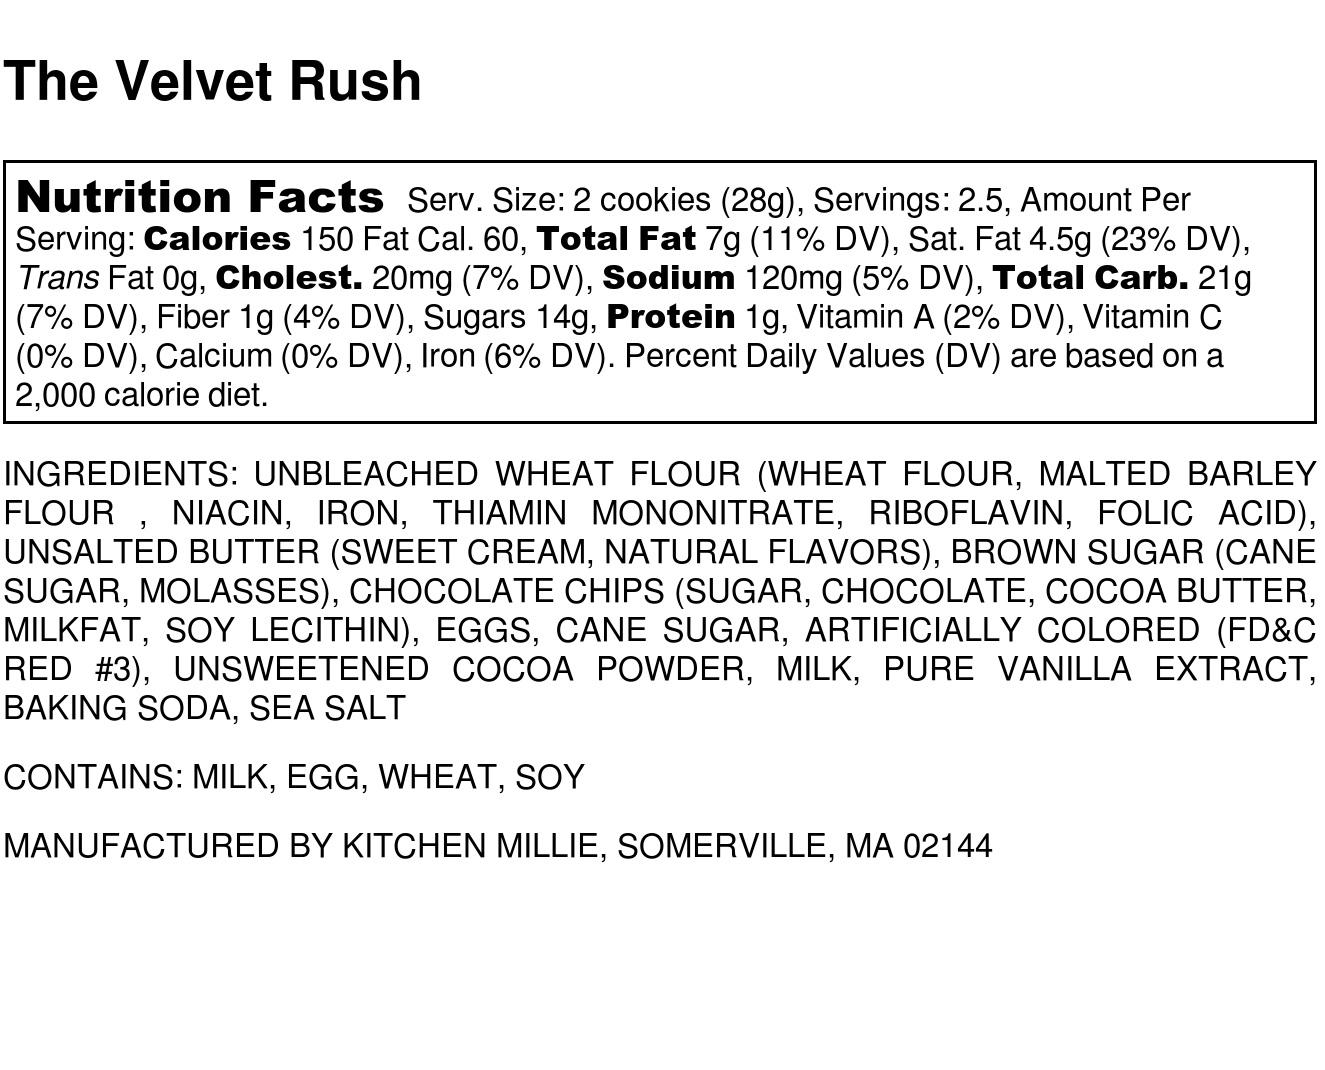 The Velvet Rush  - Nutrition Label.jpg